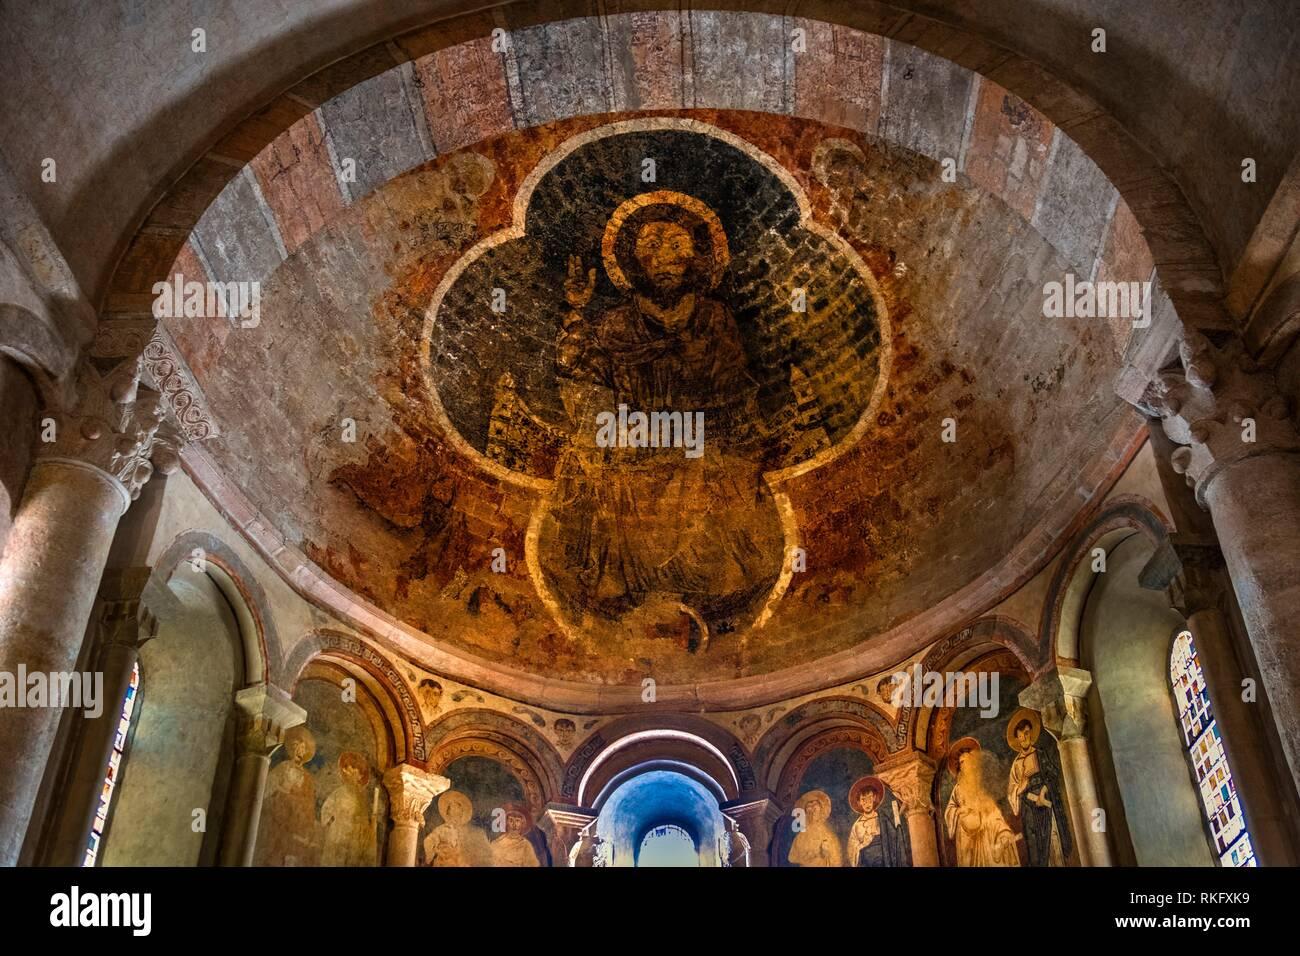 Frankreich, Royal, Arriege, 14. Jahrhundert, Deckengemälde der Cathedrale ar Saint Ligier. Stockbild